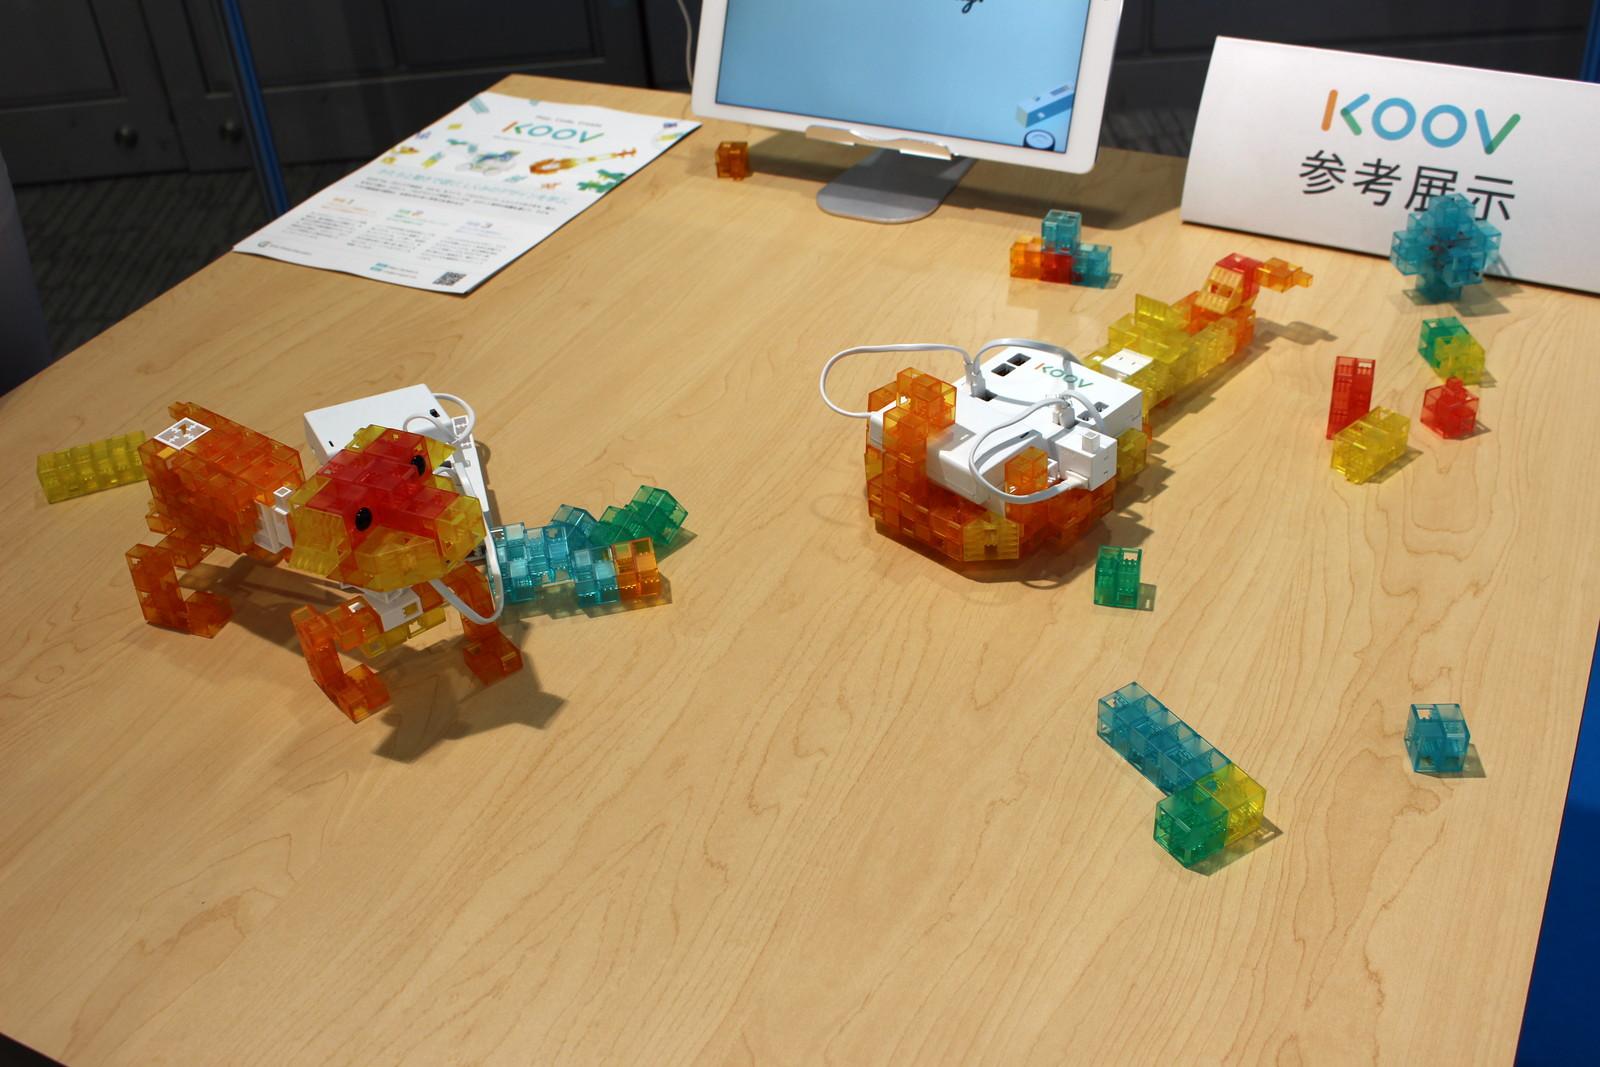 KOOVで使用されているブロックはソニーのデザインチームが担当している